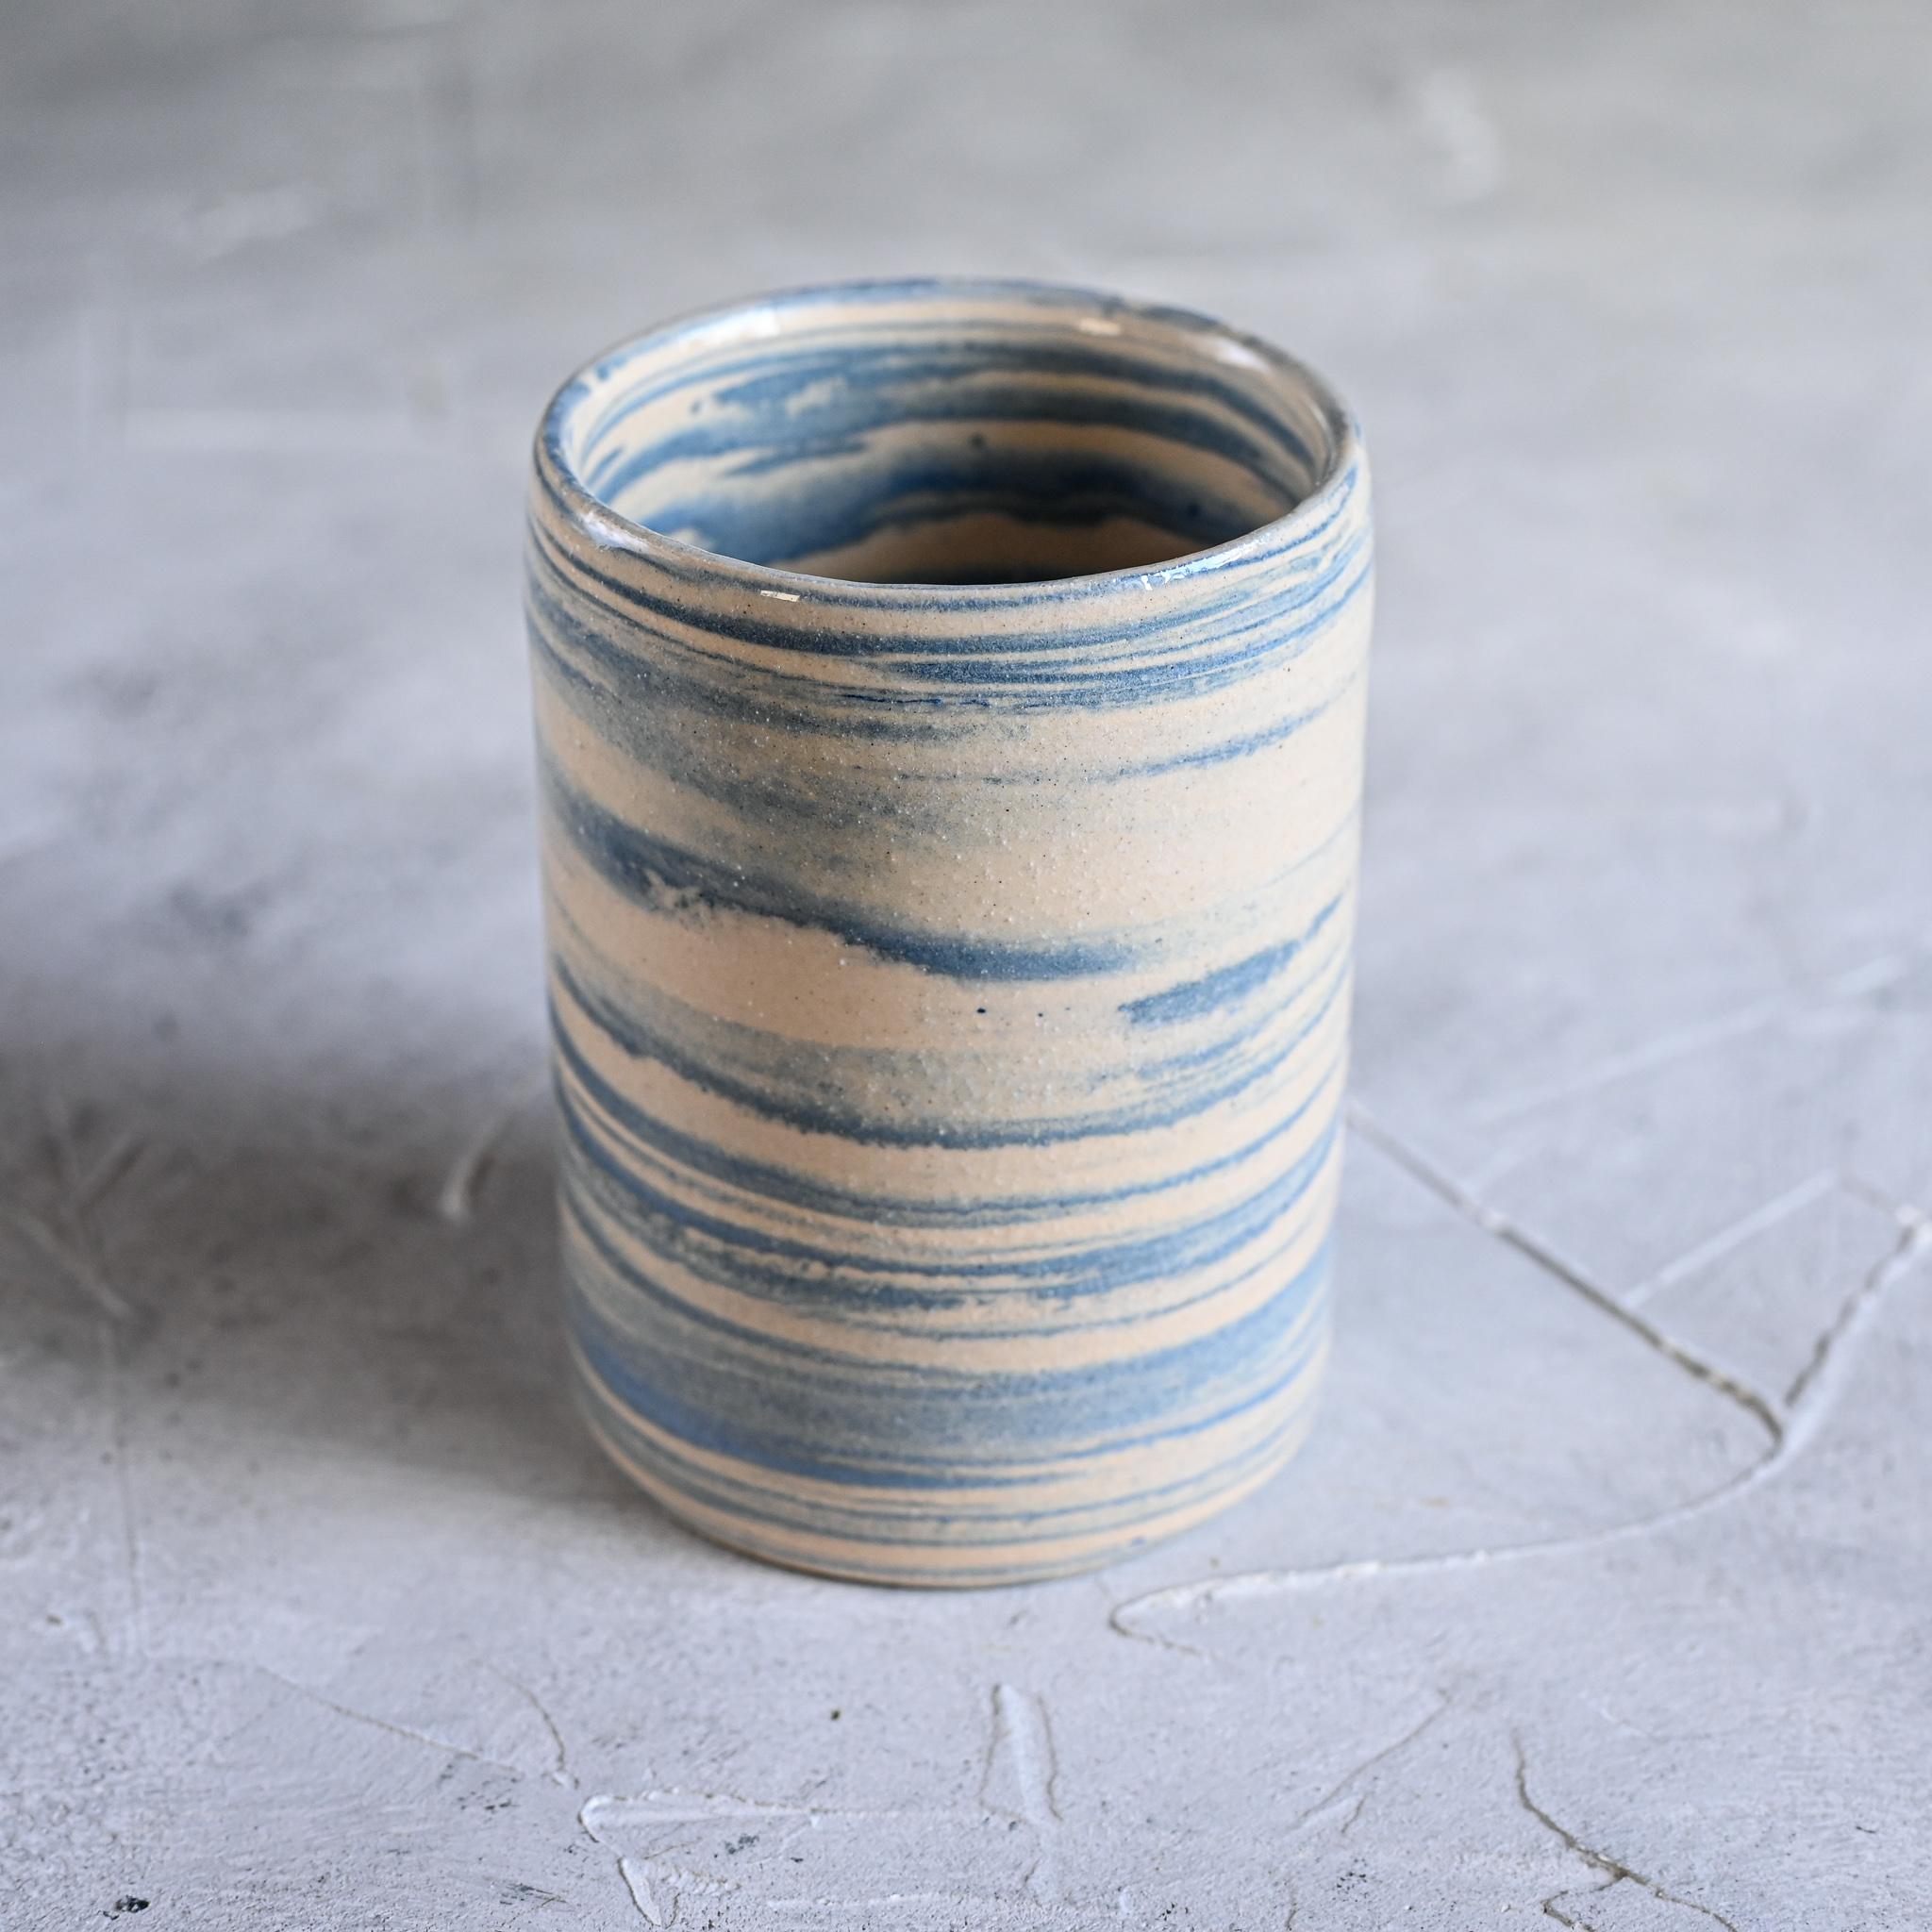 картинка Керамический стакан в технике нерияге 6 - DishWishes.Ru